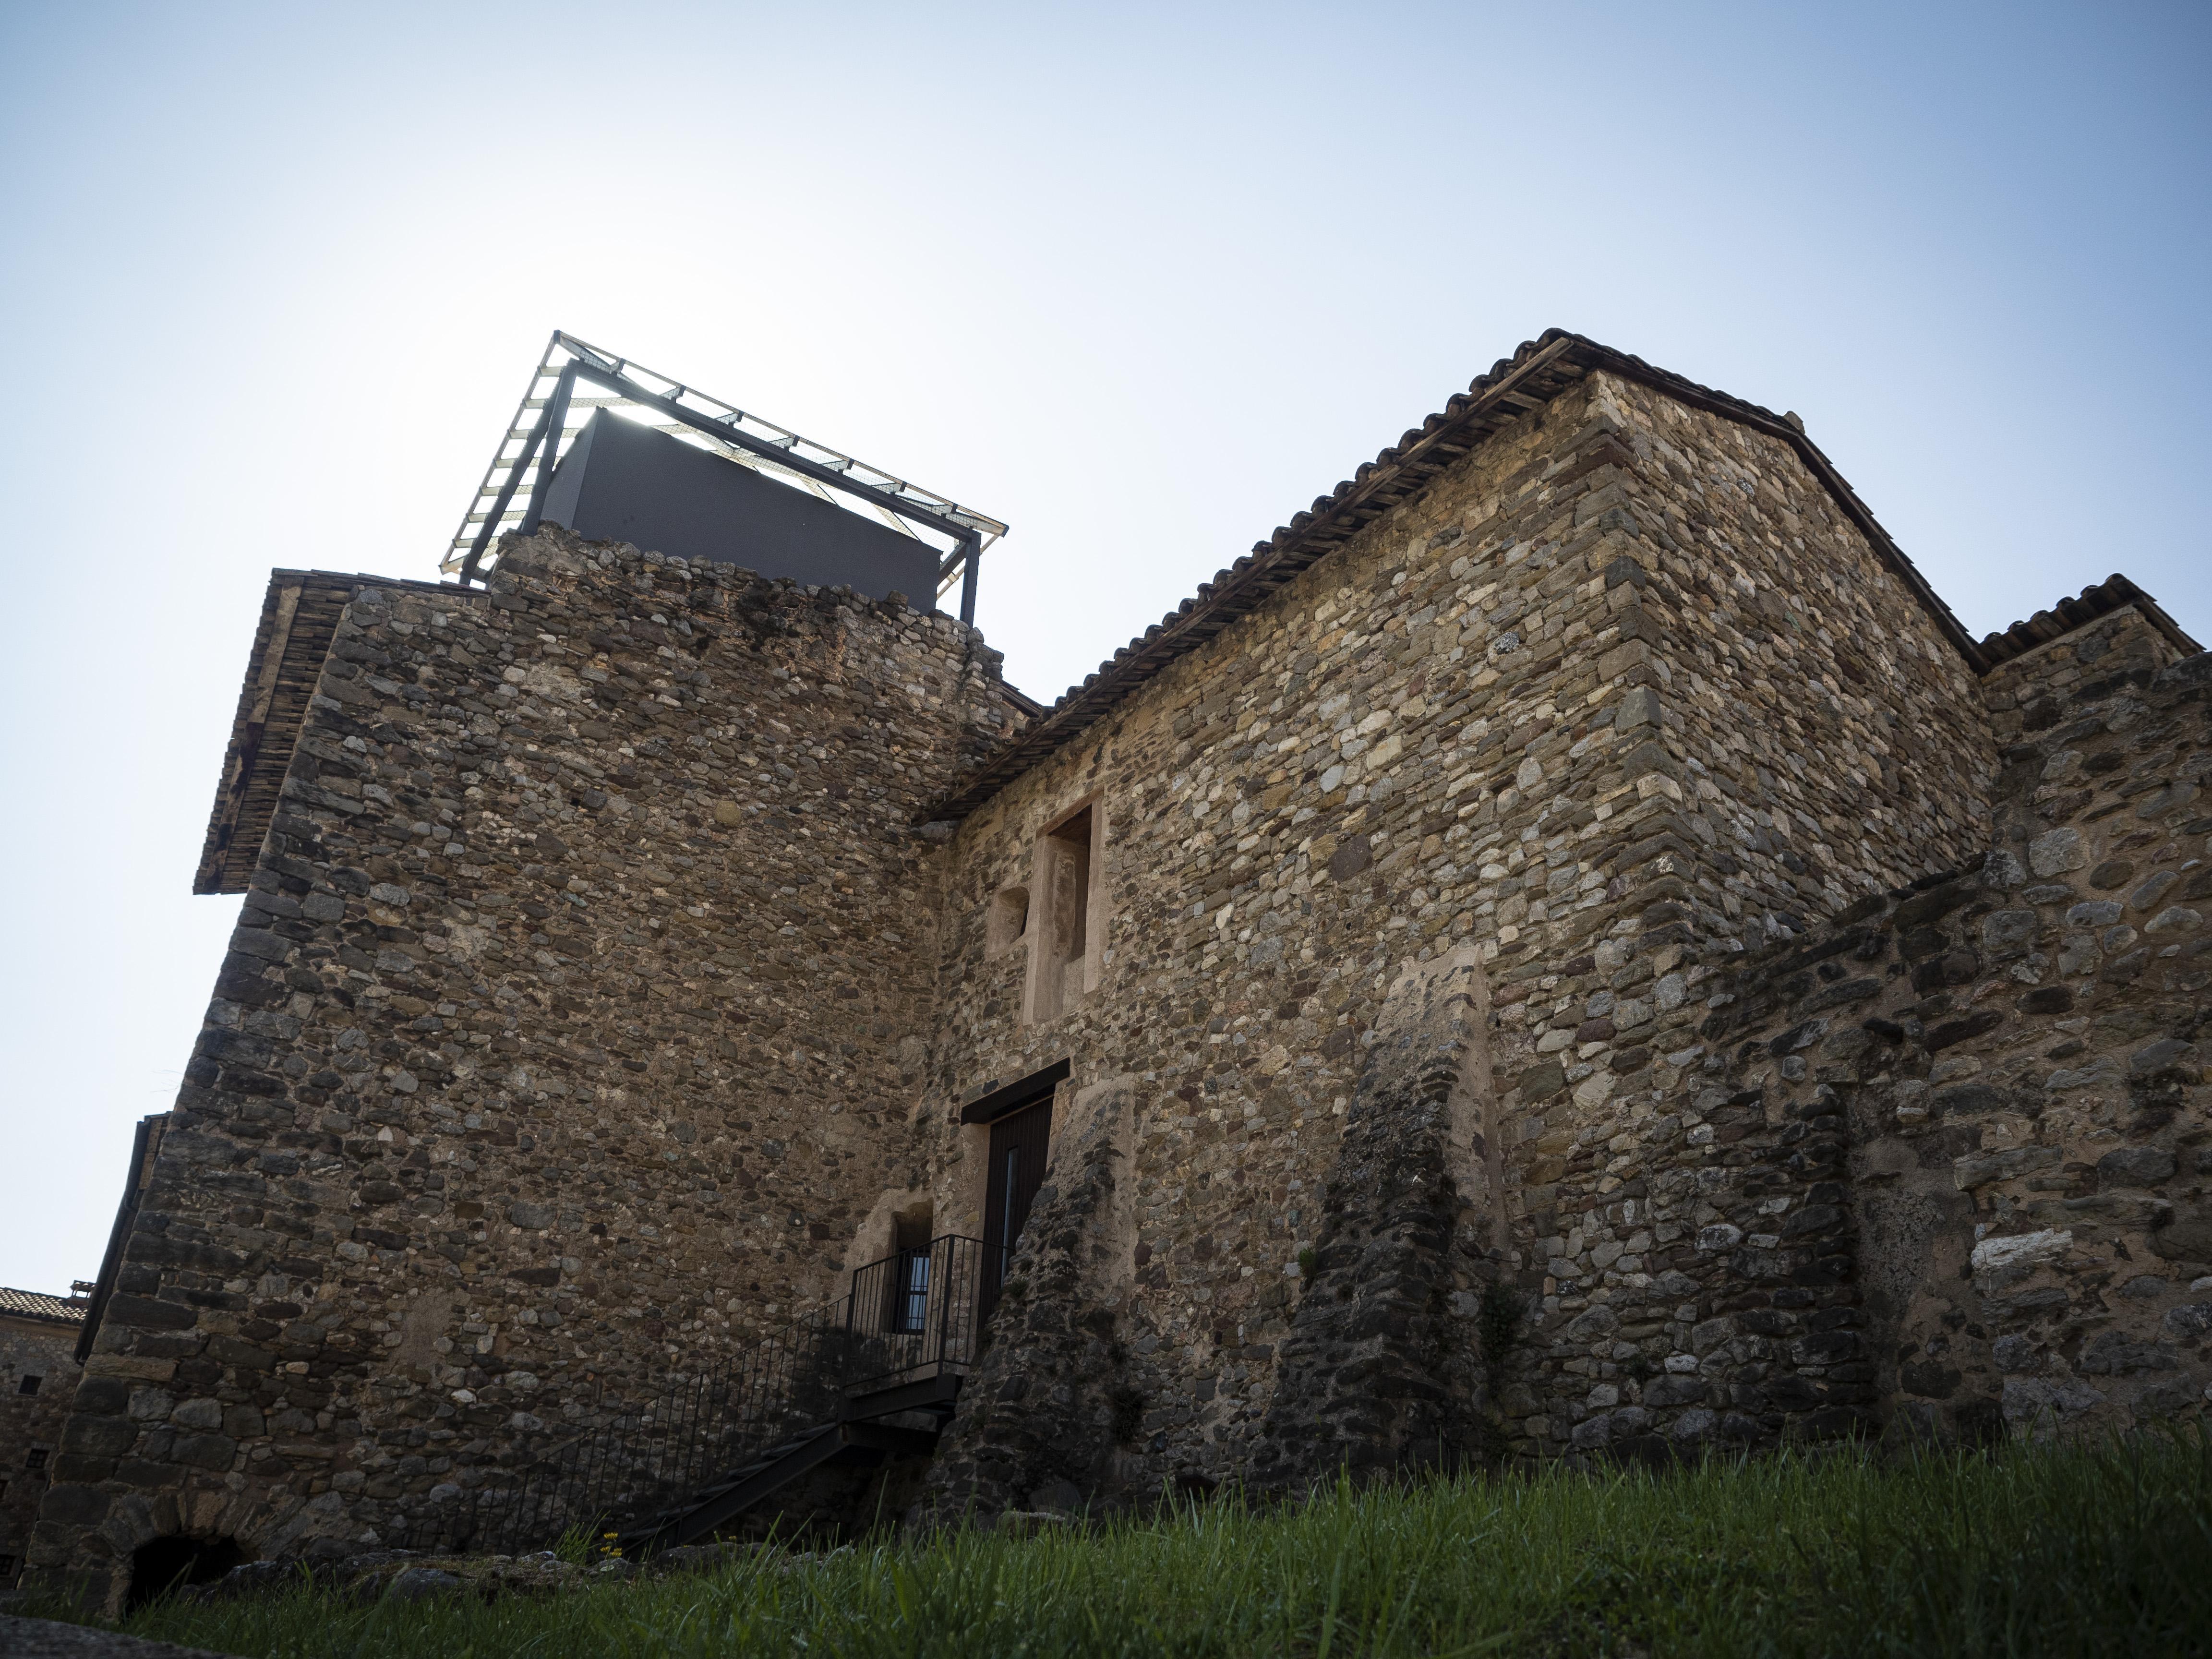 Bagà, una vila medieval 14. FOTO: Anna E. Puig